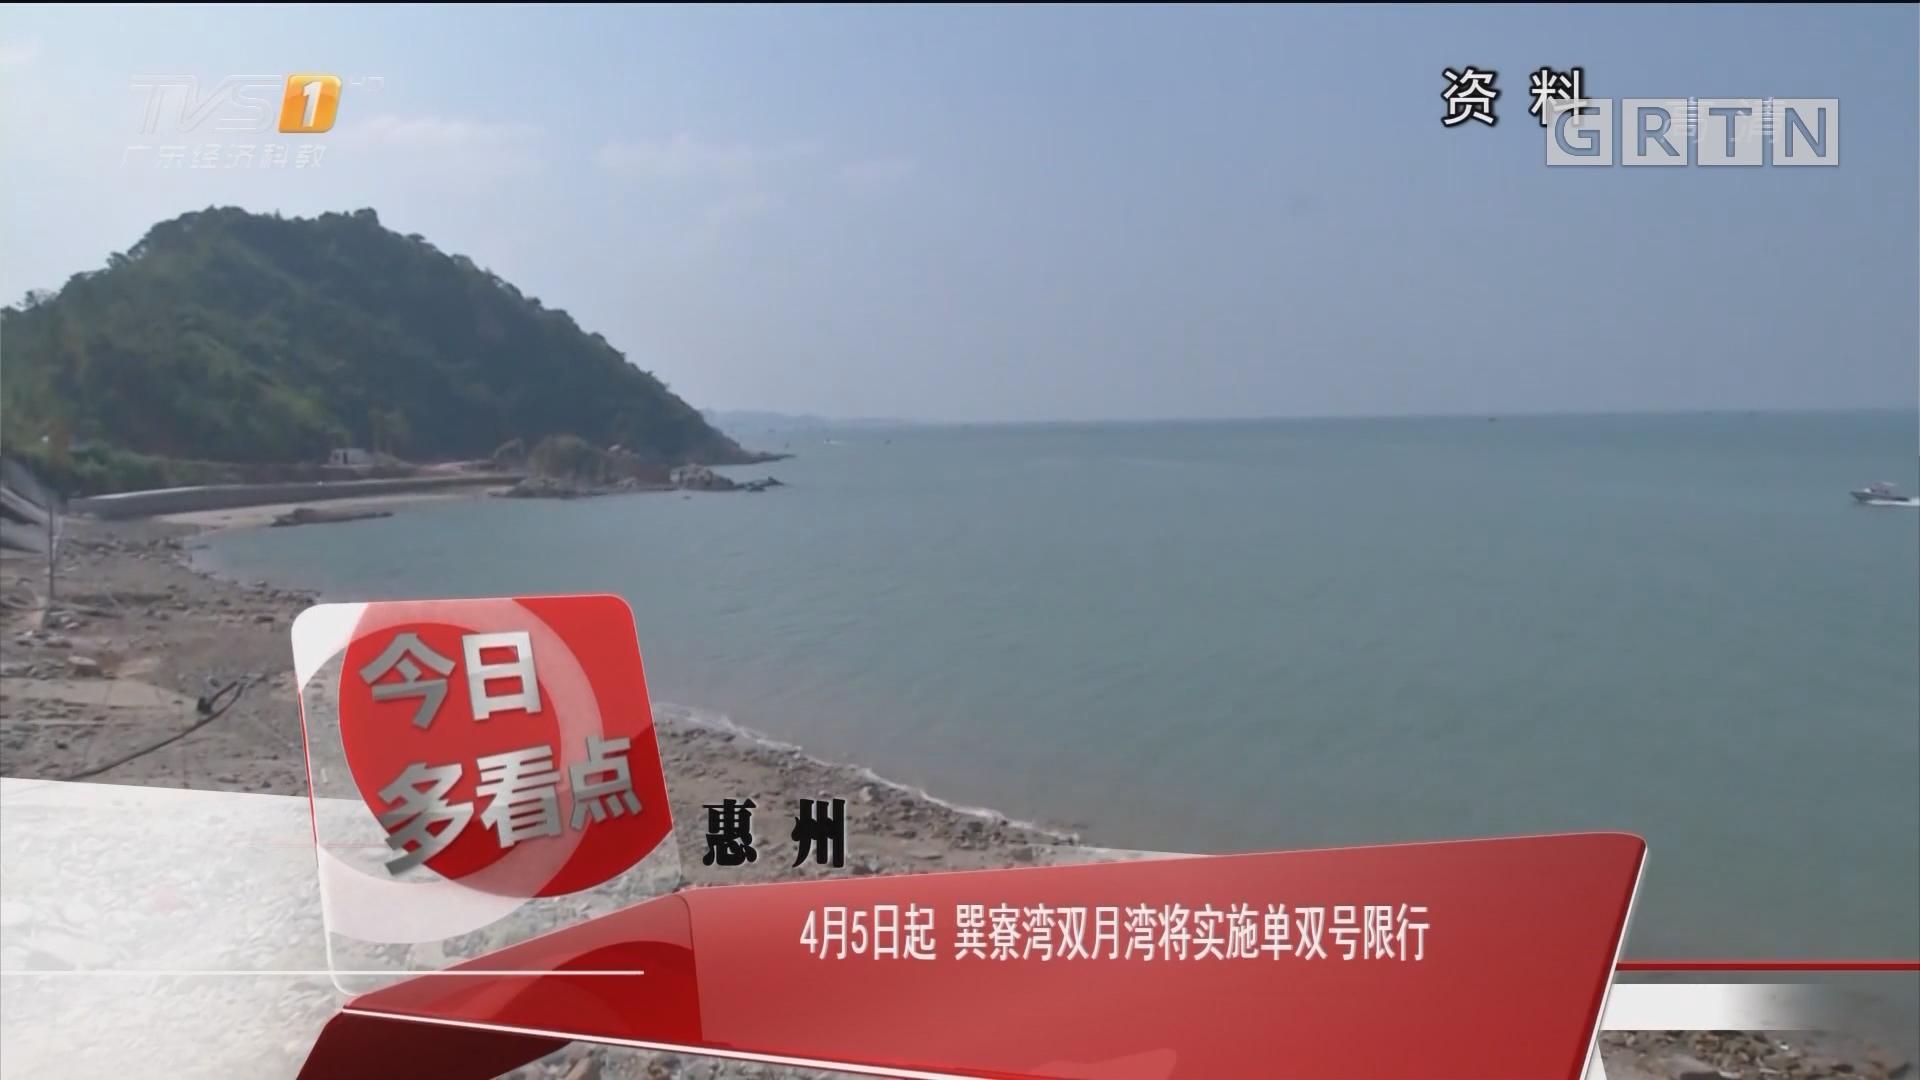 惠州:4月5日起 巽寮湾双月湾将实施单双号限行